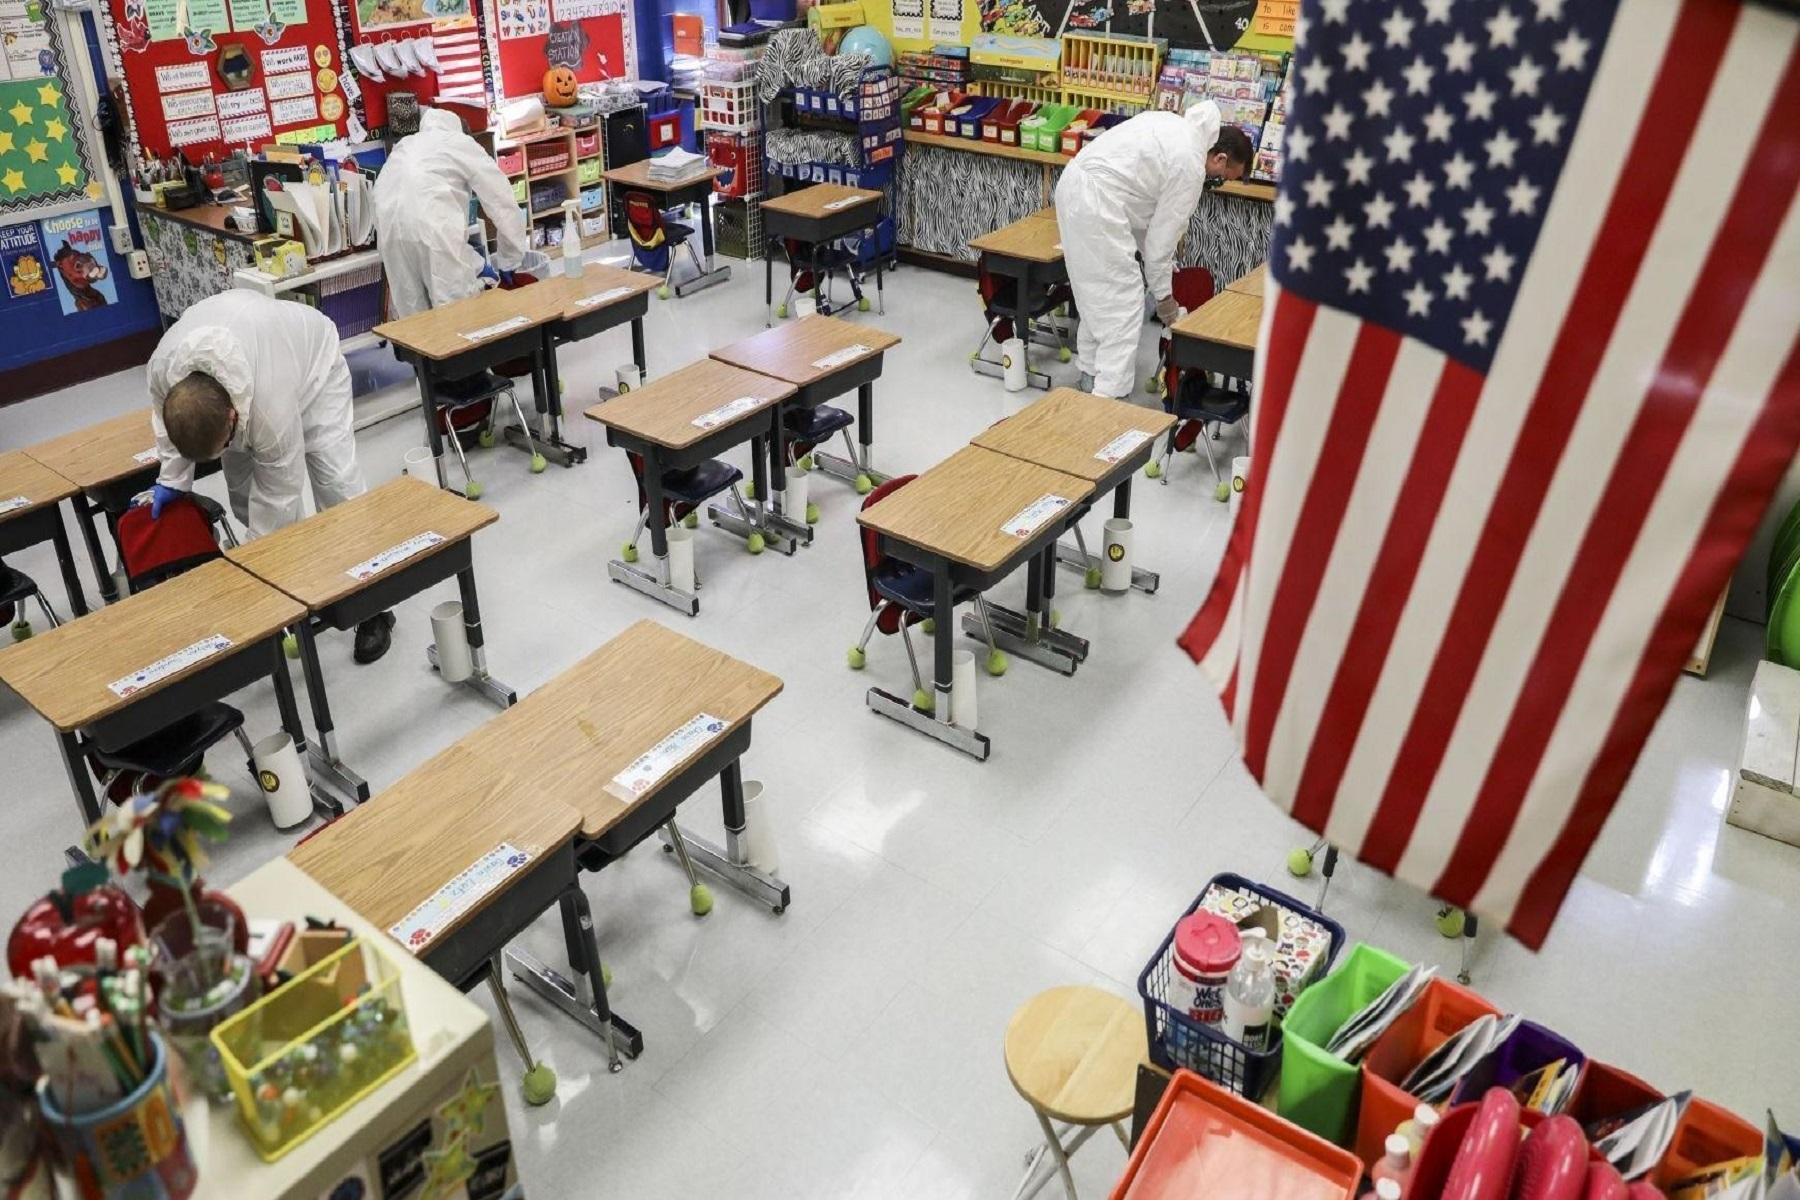 ΗΠΑ Εκπαίδευση: Ο Μπάιντεν λέει ότι τα σχολεία «θα έπρεπε πιθανώς όλα να είναι ανοιχτά» το φθινόπωρο